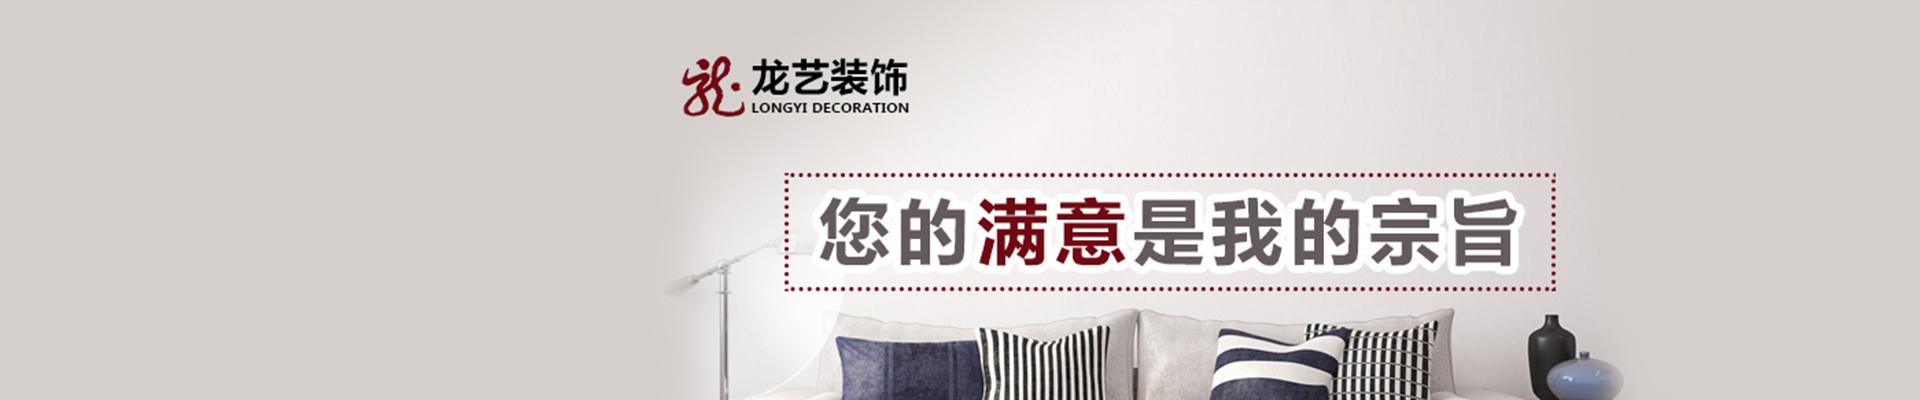 靖江龙艺装饰